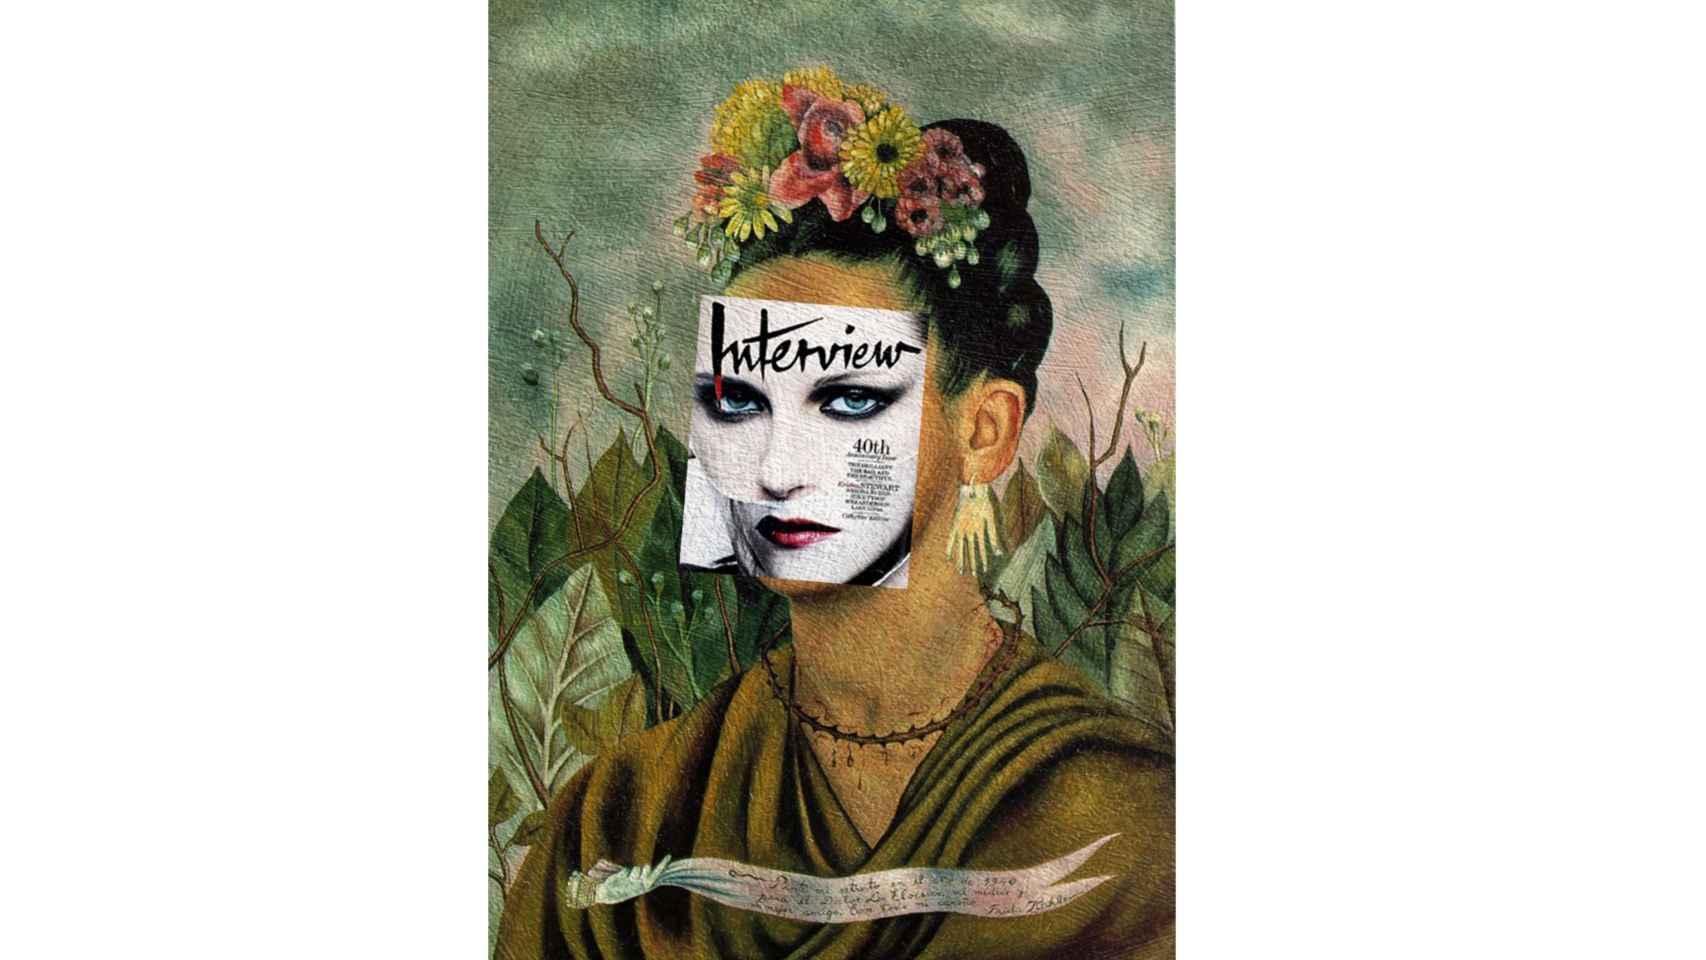 """Portada de la revista Interview en """"Frida Kahlo, autorretrato dedicado al Dr. Eloesser"""" (1940)."""